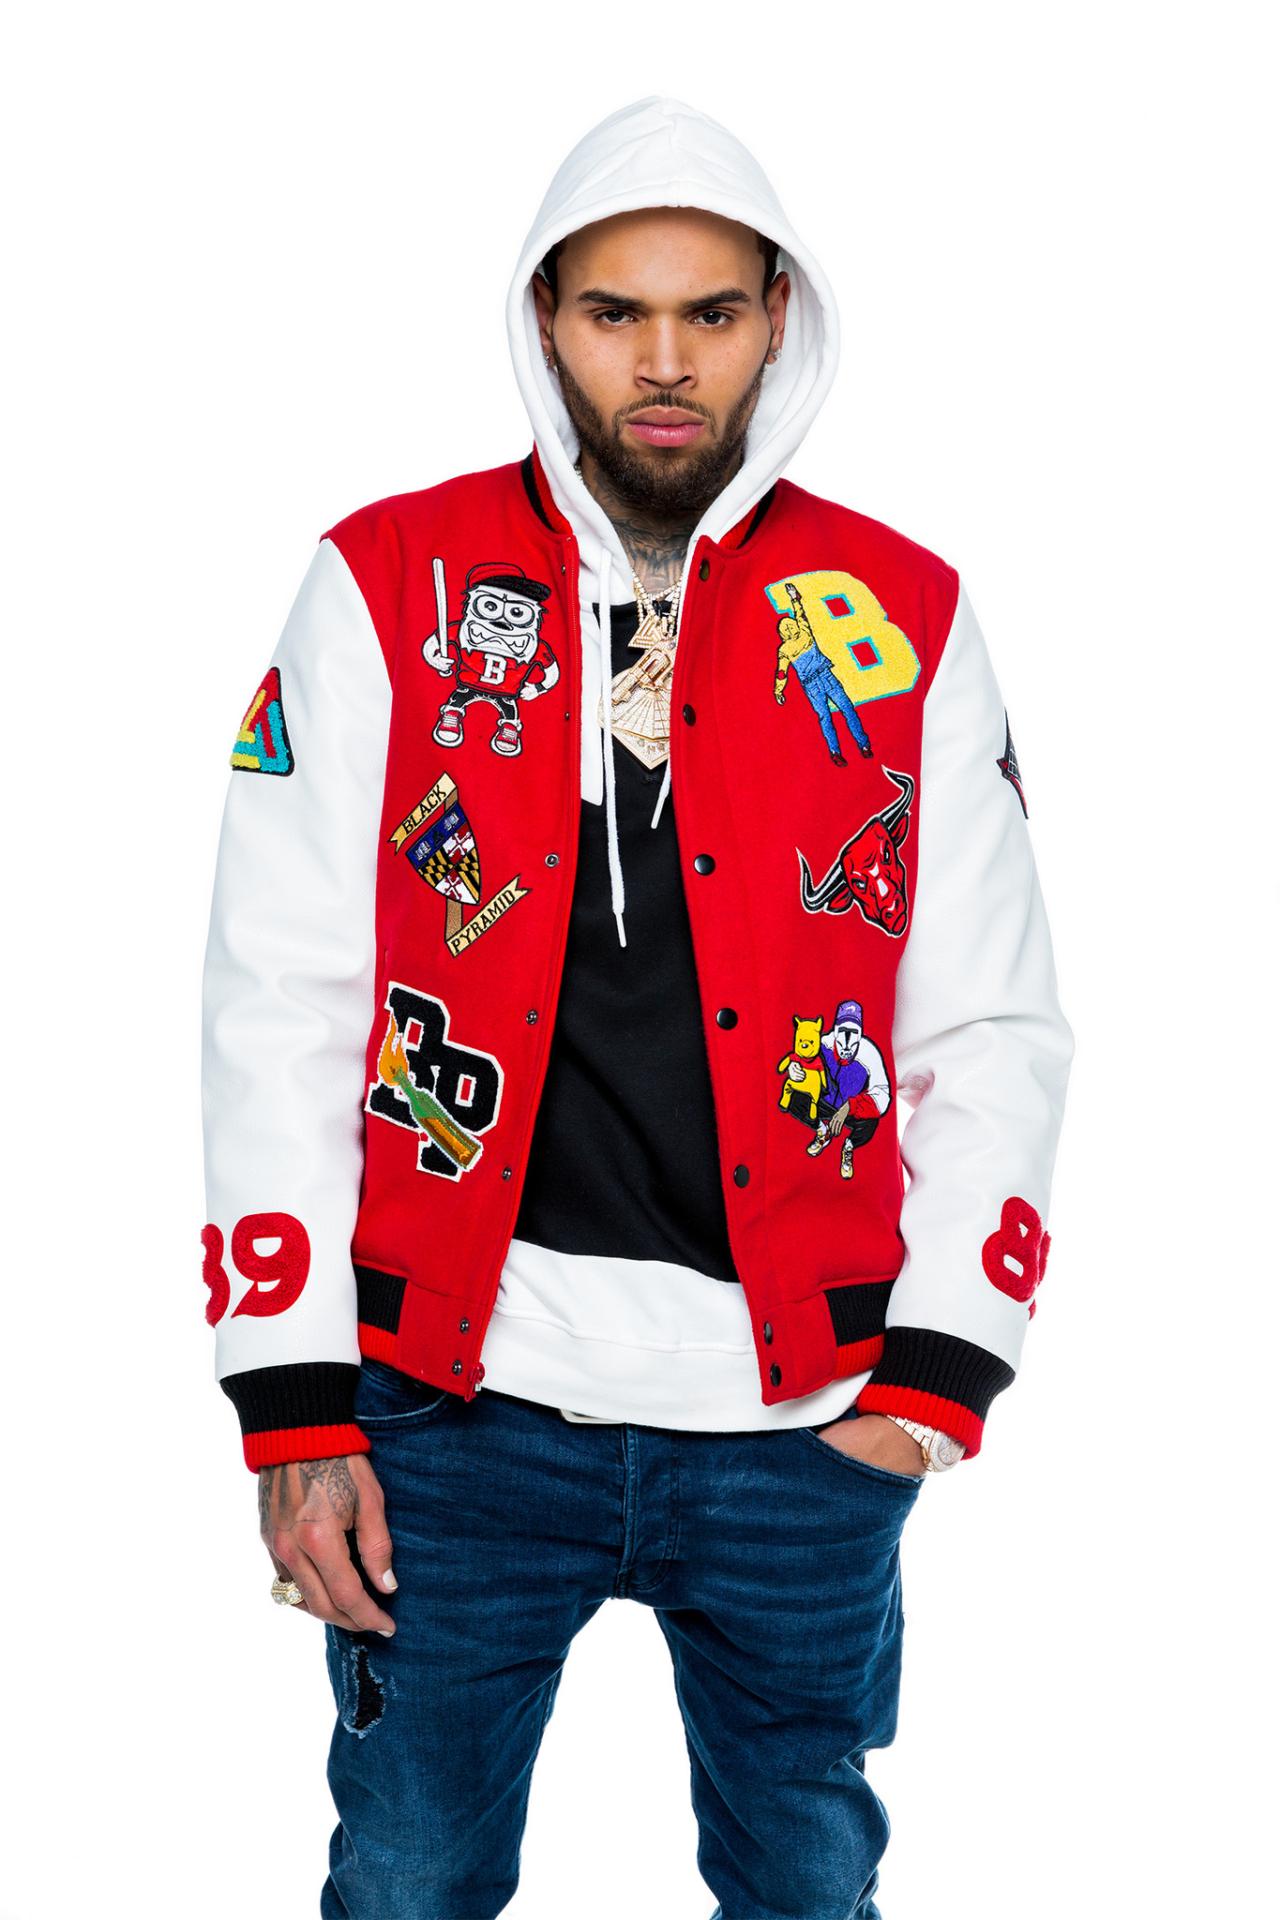 672d4cb6b Chris Brown for Black Pyramid (x)